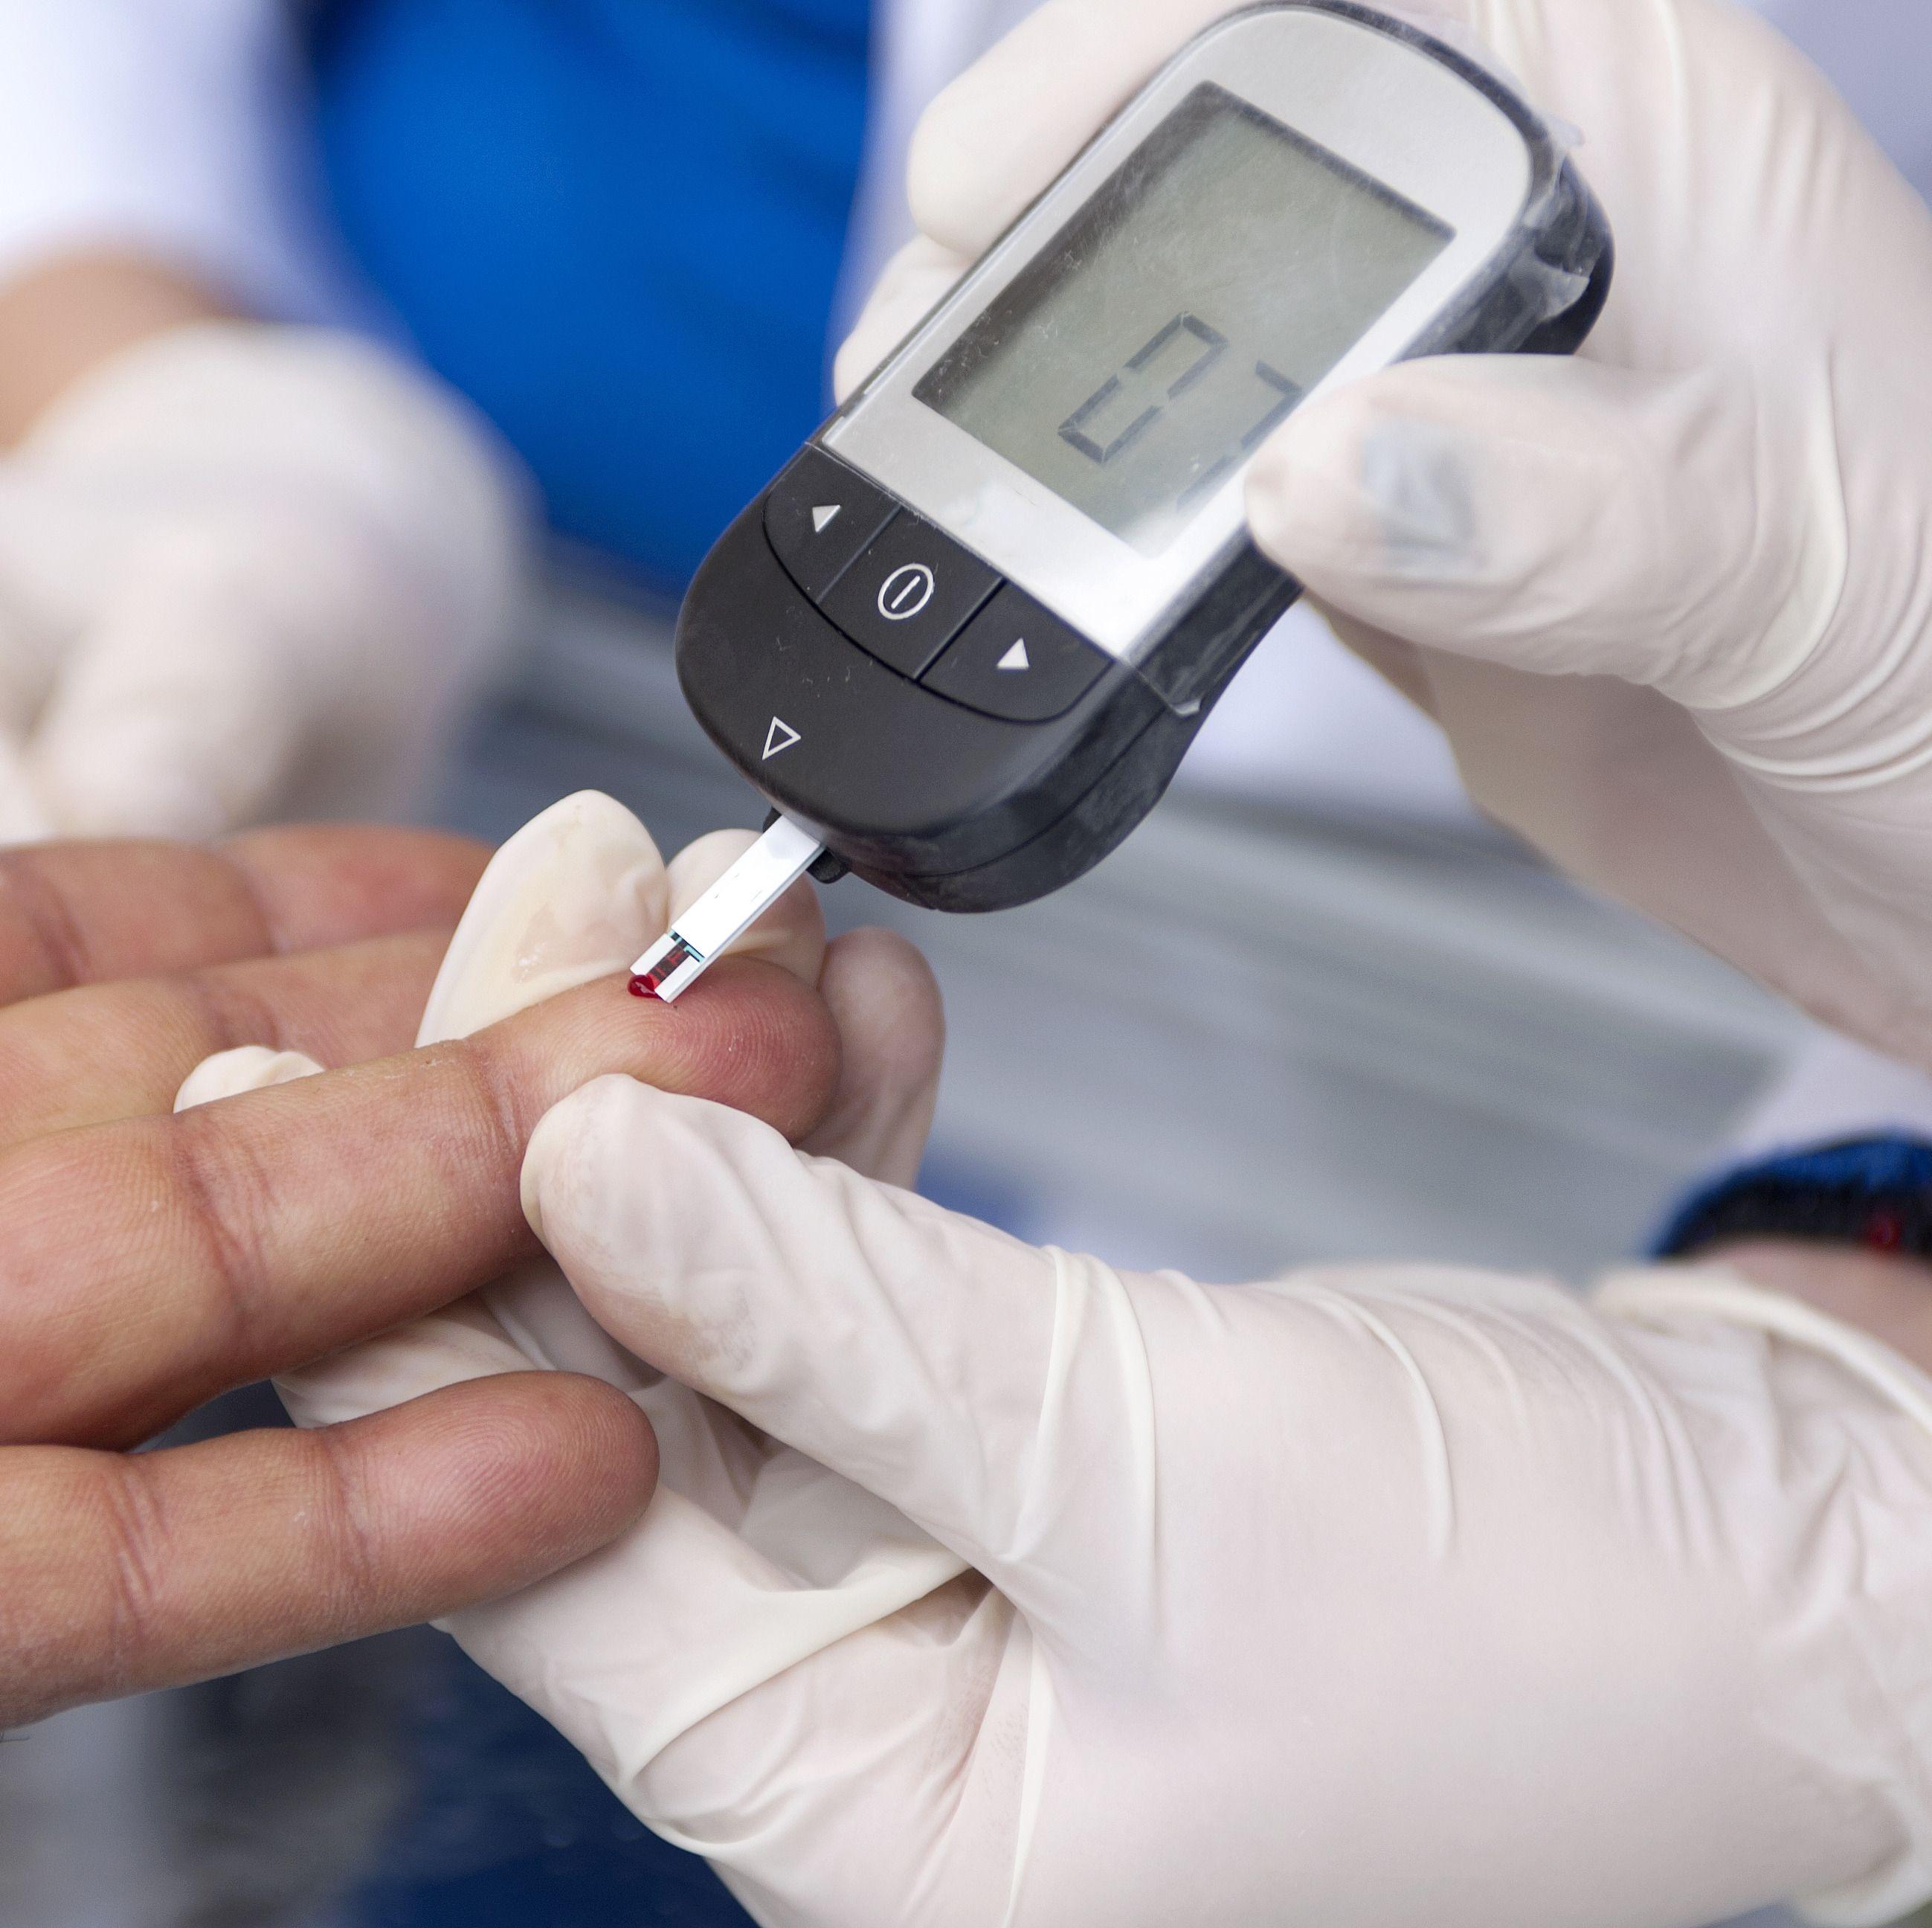 Blodsukkermåling og en rekke andre helserelaterte funksjoner kan være på vei inn i mobilene våre.Foto: Shutterstock